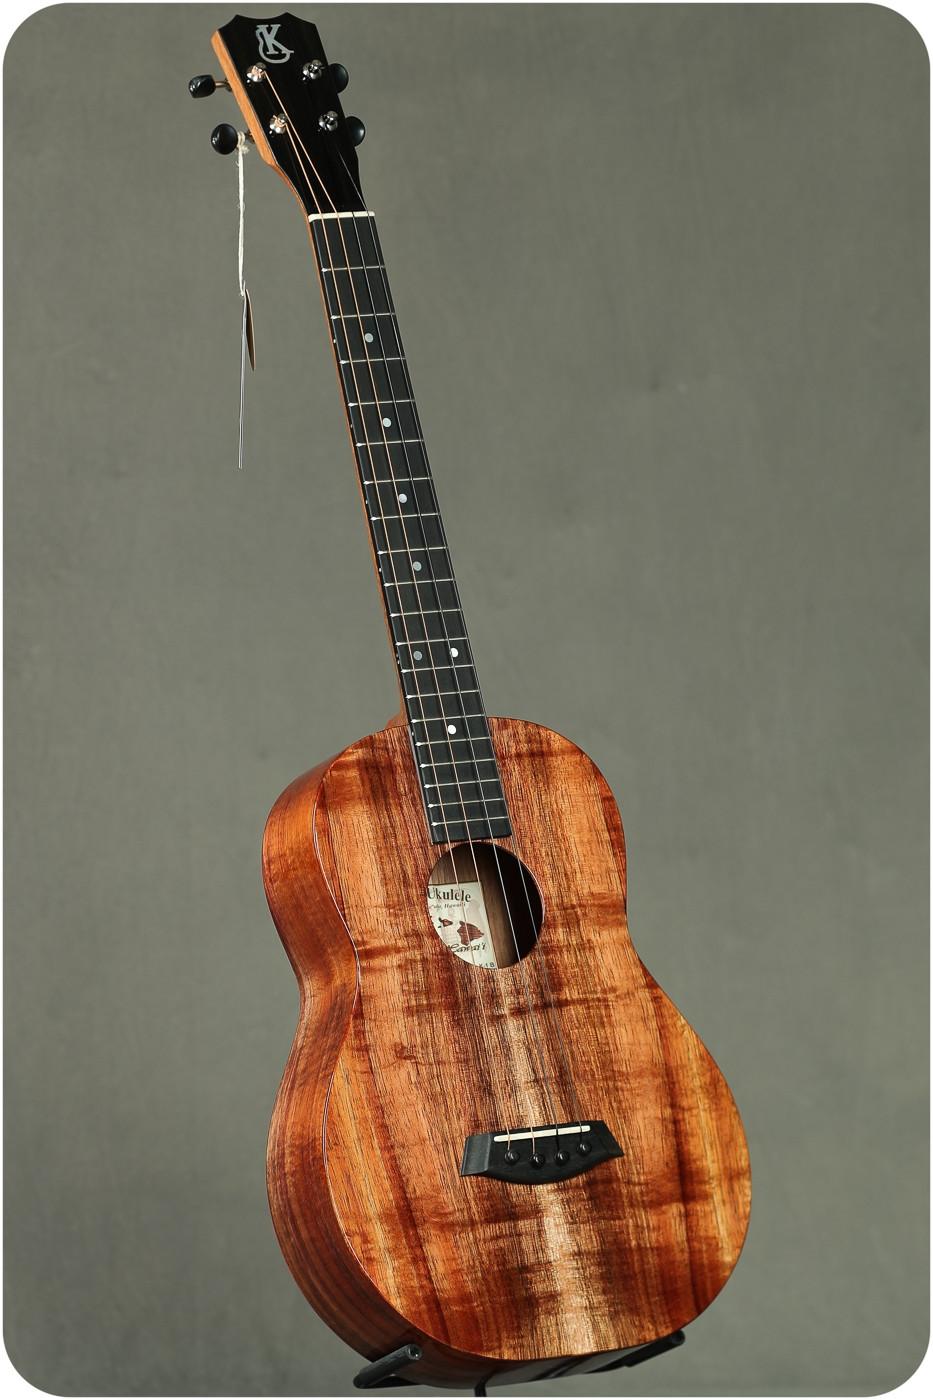 Kanile'a Koa Gloss Baritone (K-1 B Tru-R G #21955)